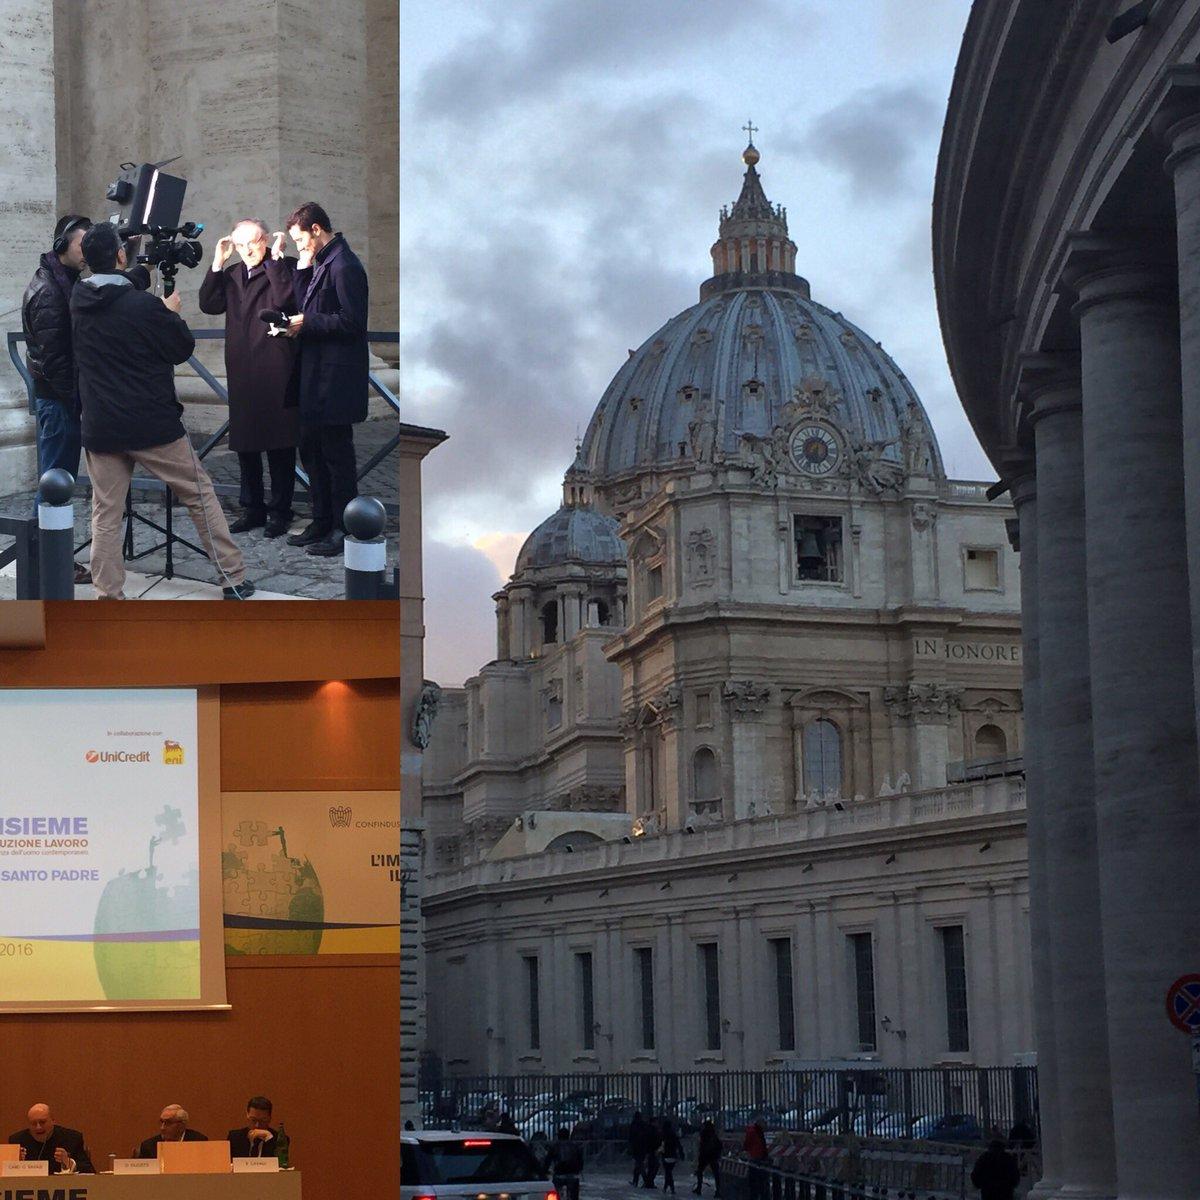 Pronti per domani. Confindustria incontra il Papa per la prima volta nella sua storia #GiubileoIndustria https://t.co/yYSs1tJ57o